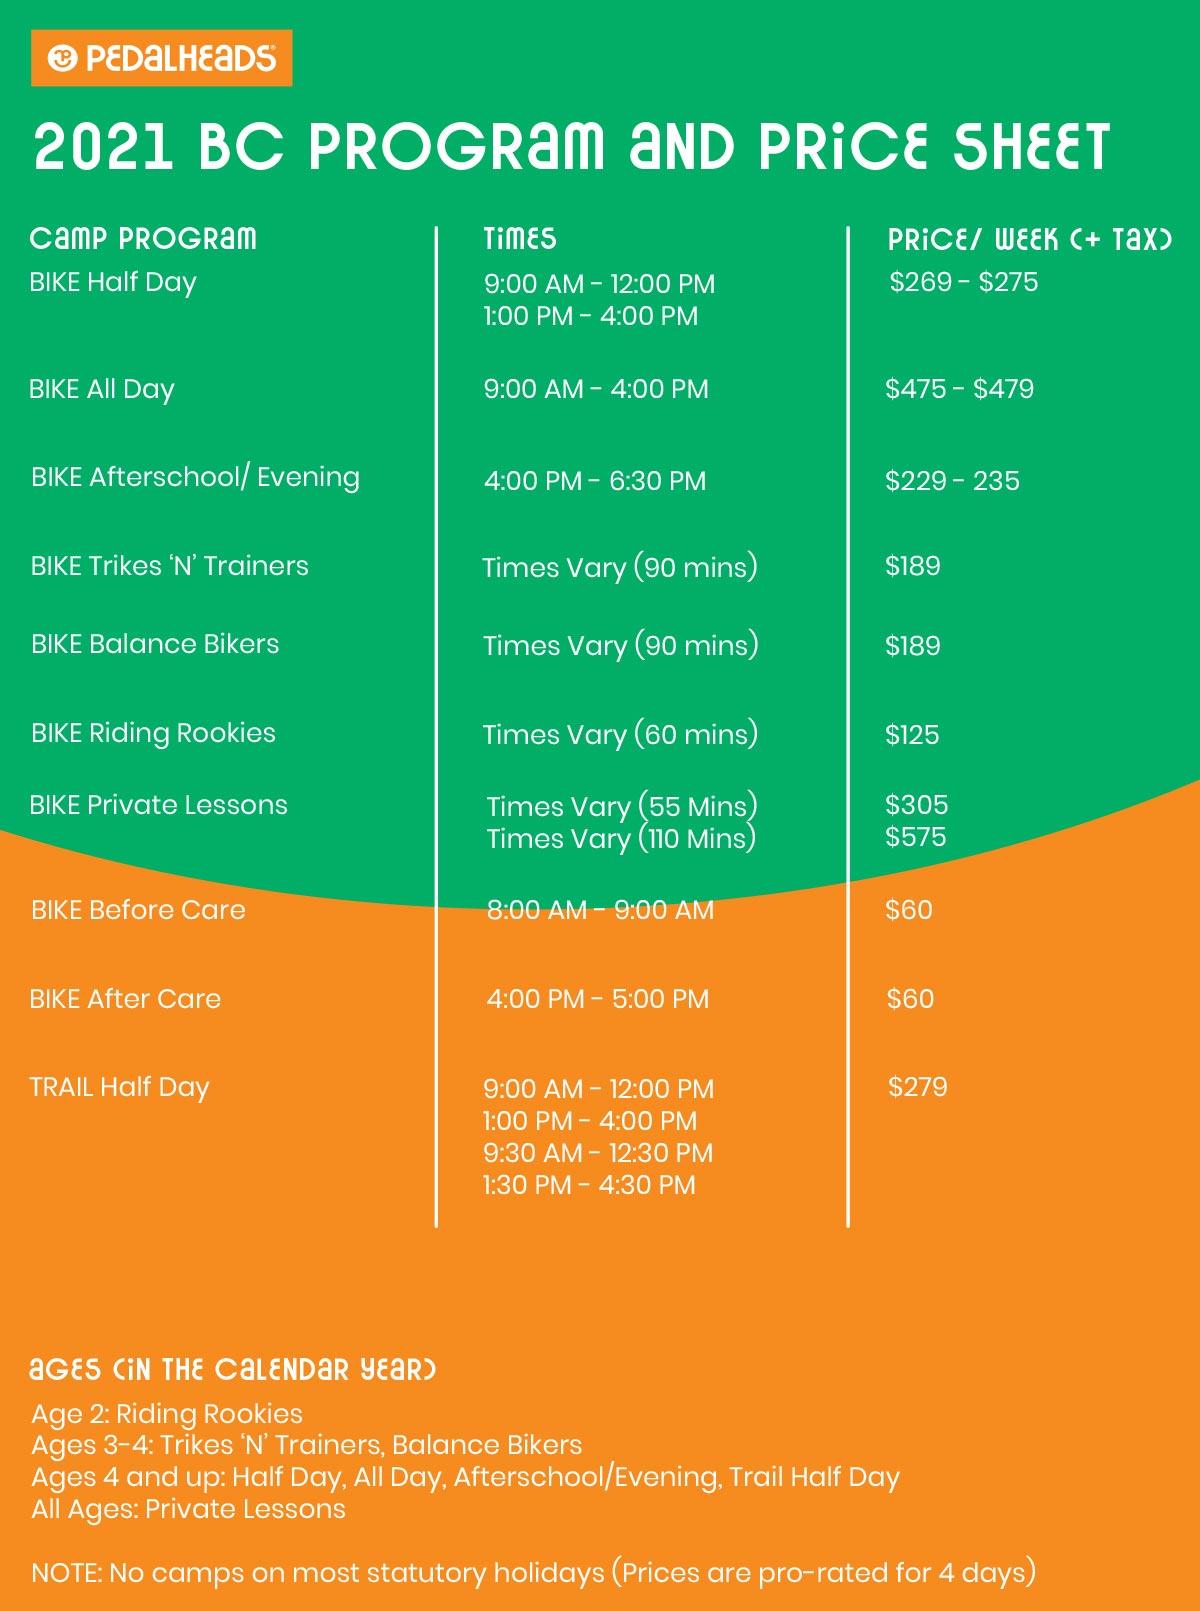 British Columbia Price Sheet